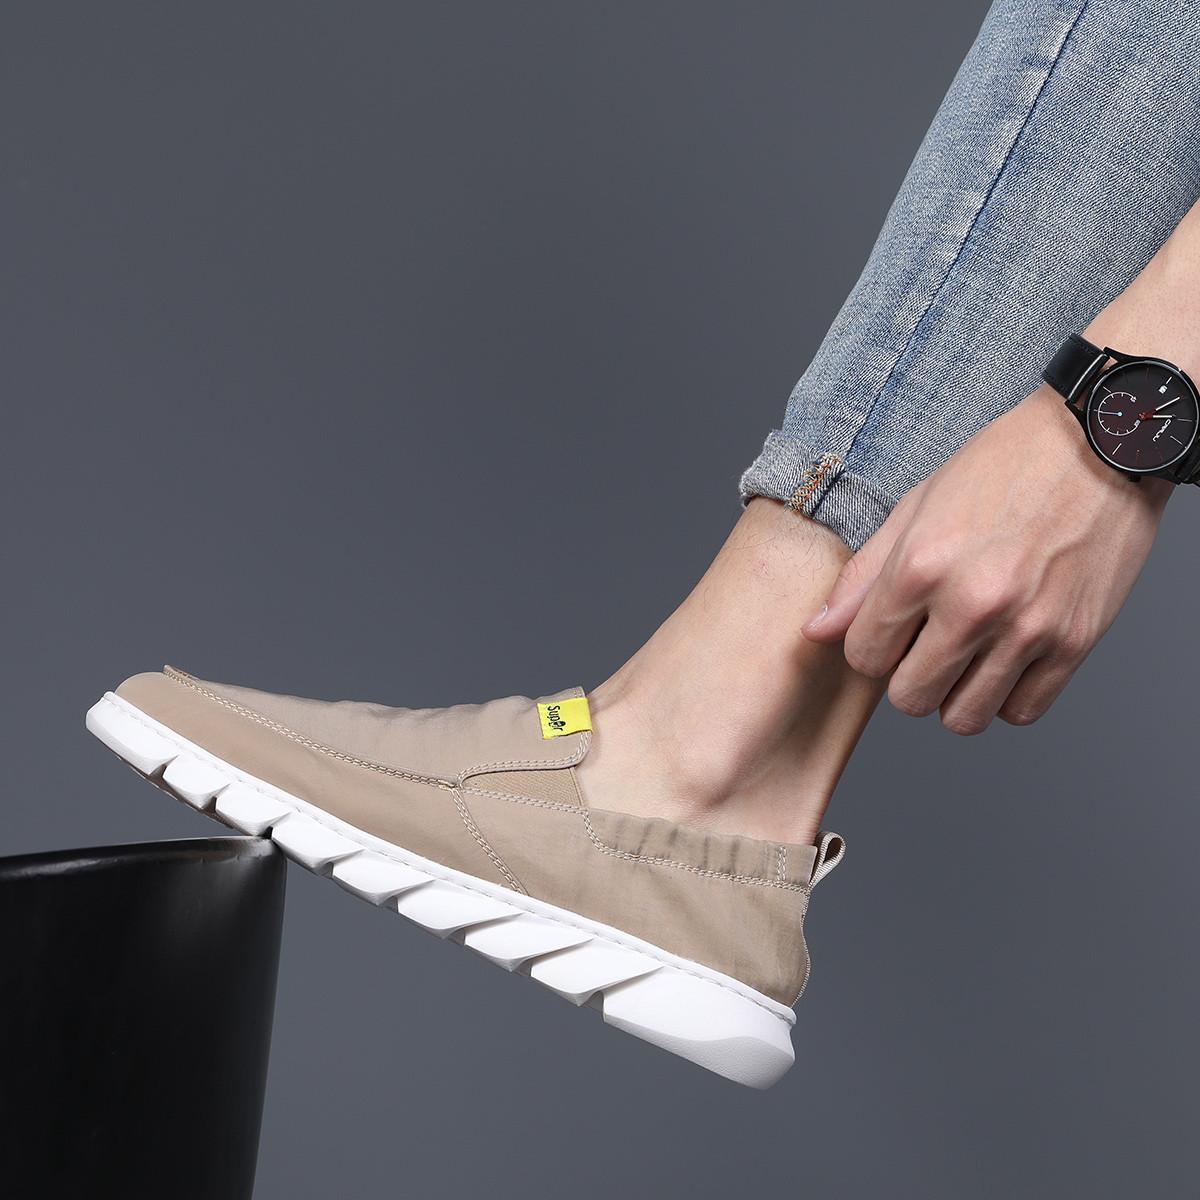 名人烟斗爆款男士帆布鞋低帮男士韩版布鞋透气男士休闲鞋男鞋1491311D27